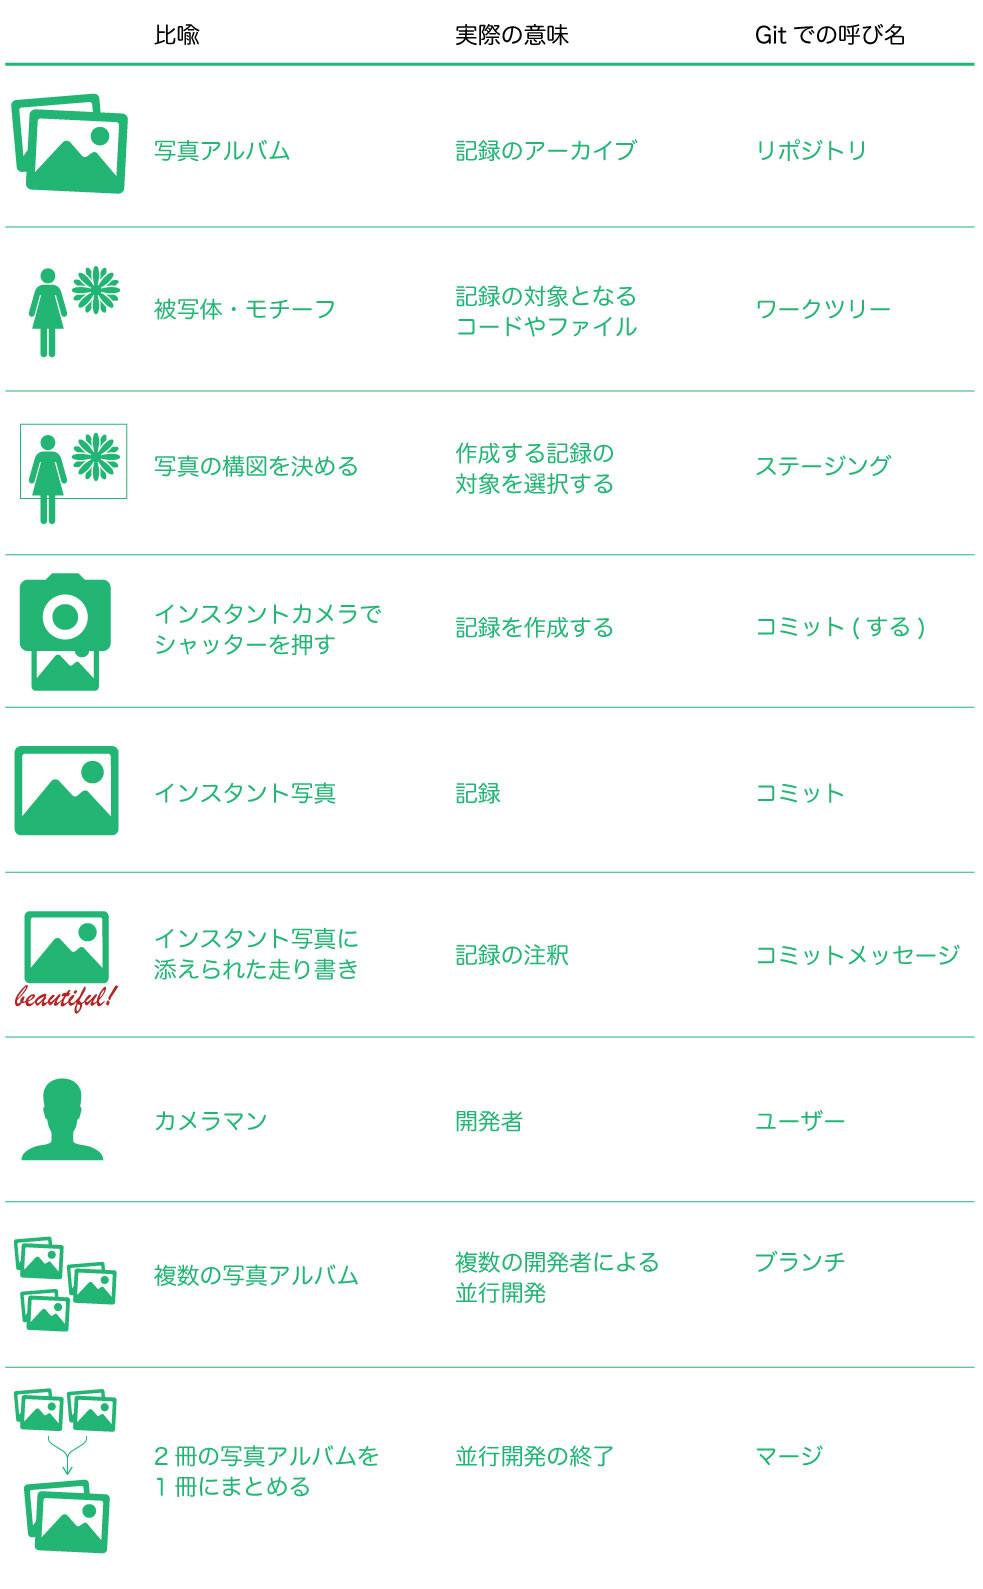 itの主要な概念について記述された表です。